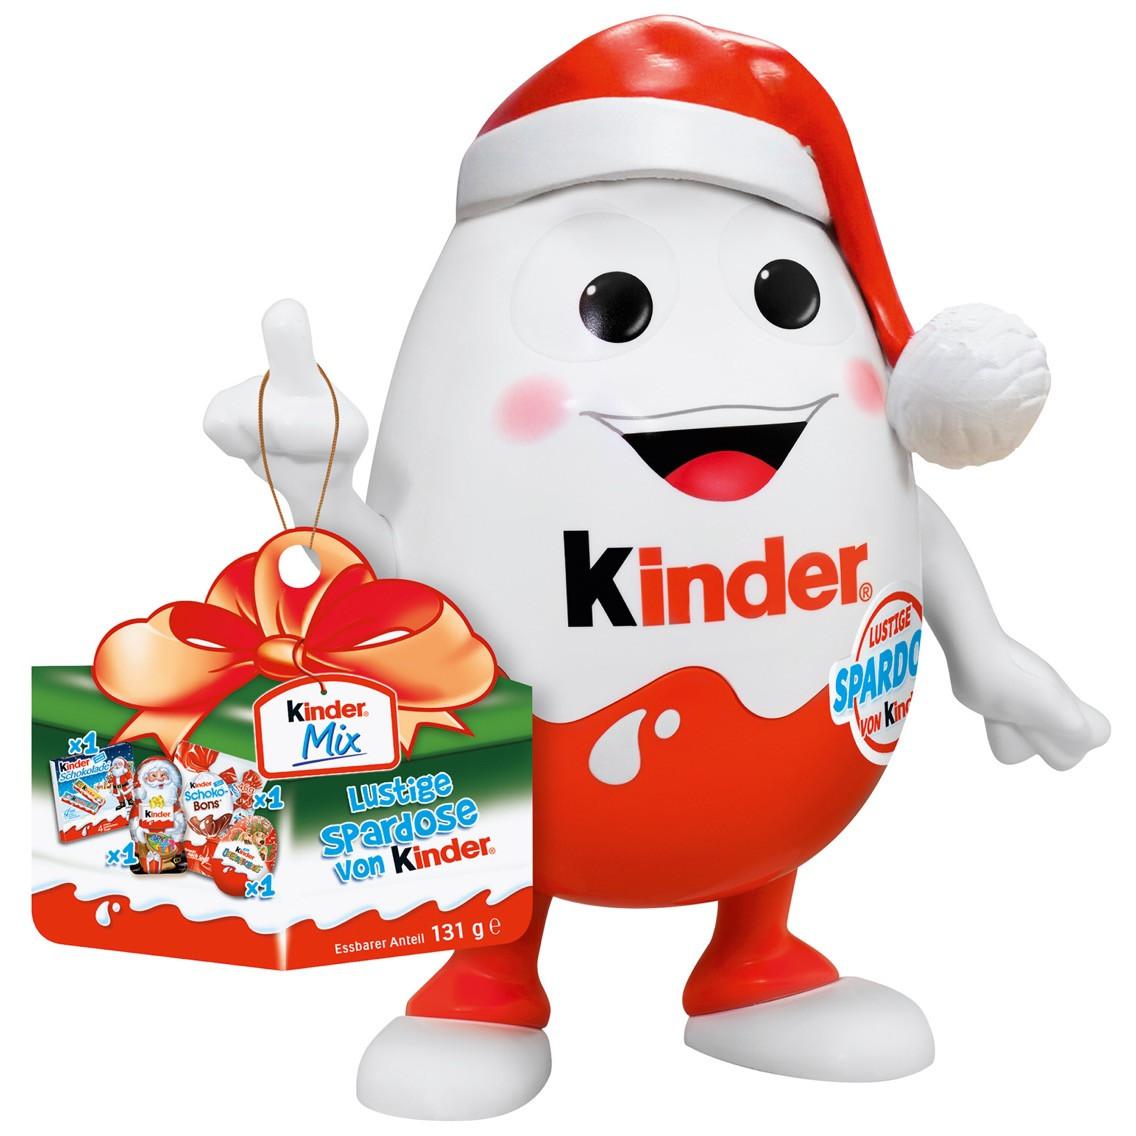 Новорічний Kinderino Kinder mix набір солодощів, іграшка - скарбничка, 131 грам